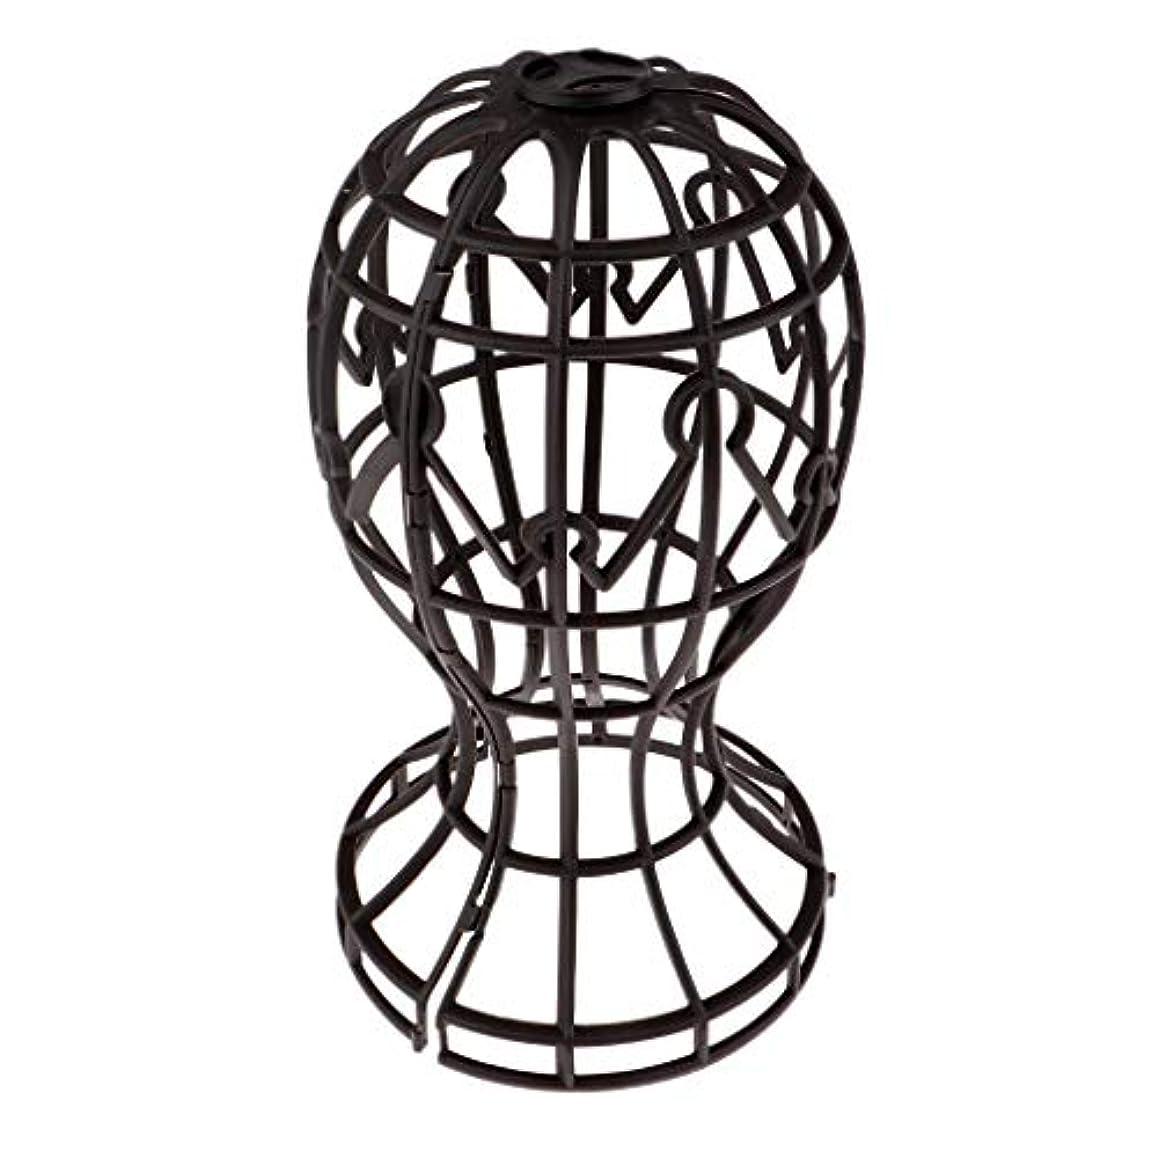 マーカー普遍的な不健康Sharplace かつらホルダー 髪型スタンド ウィッグスタンド 省スペース 帽子 ディスプレイ 高さ約31cm - ブラウン